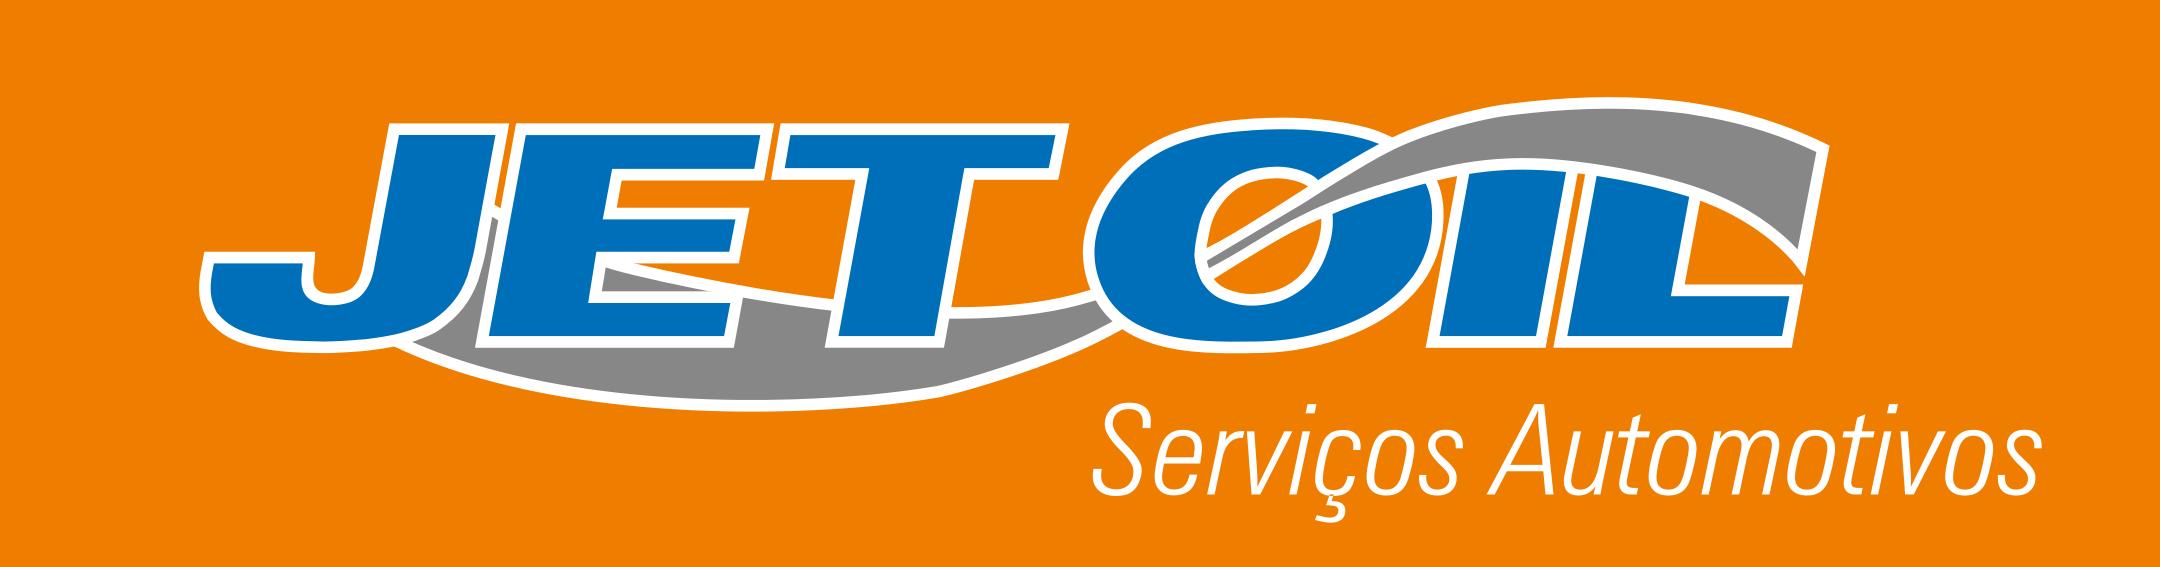 jet oil logo 1 - Jet Oil Logo